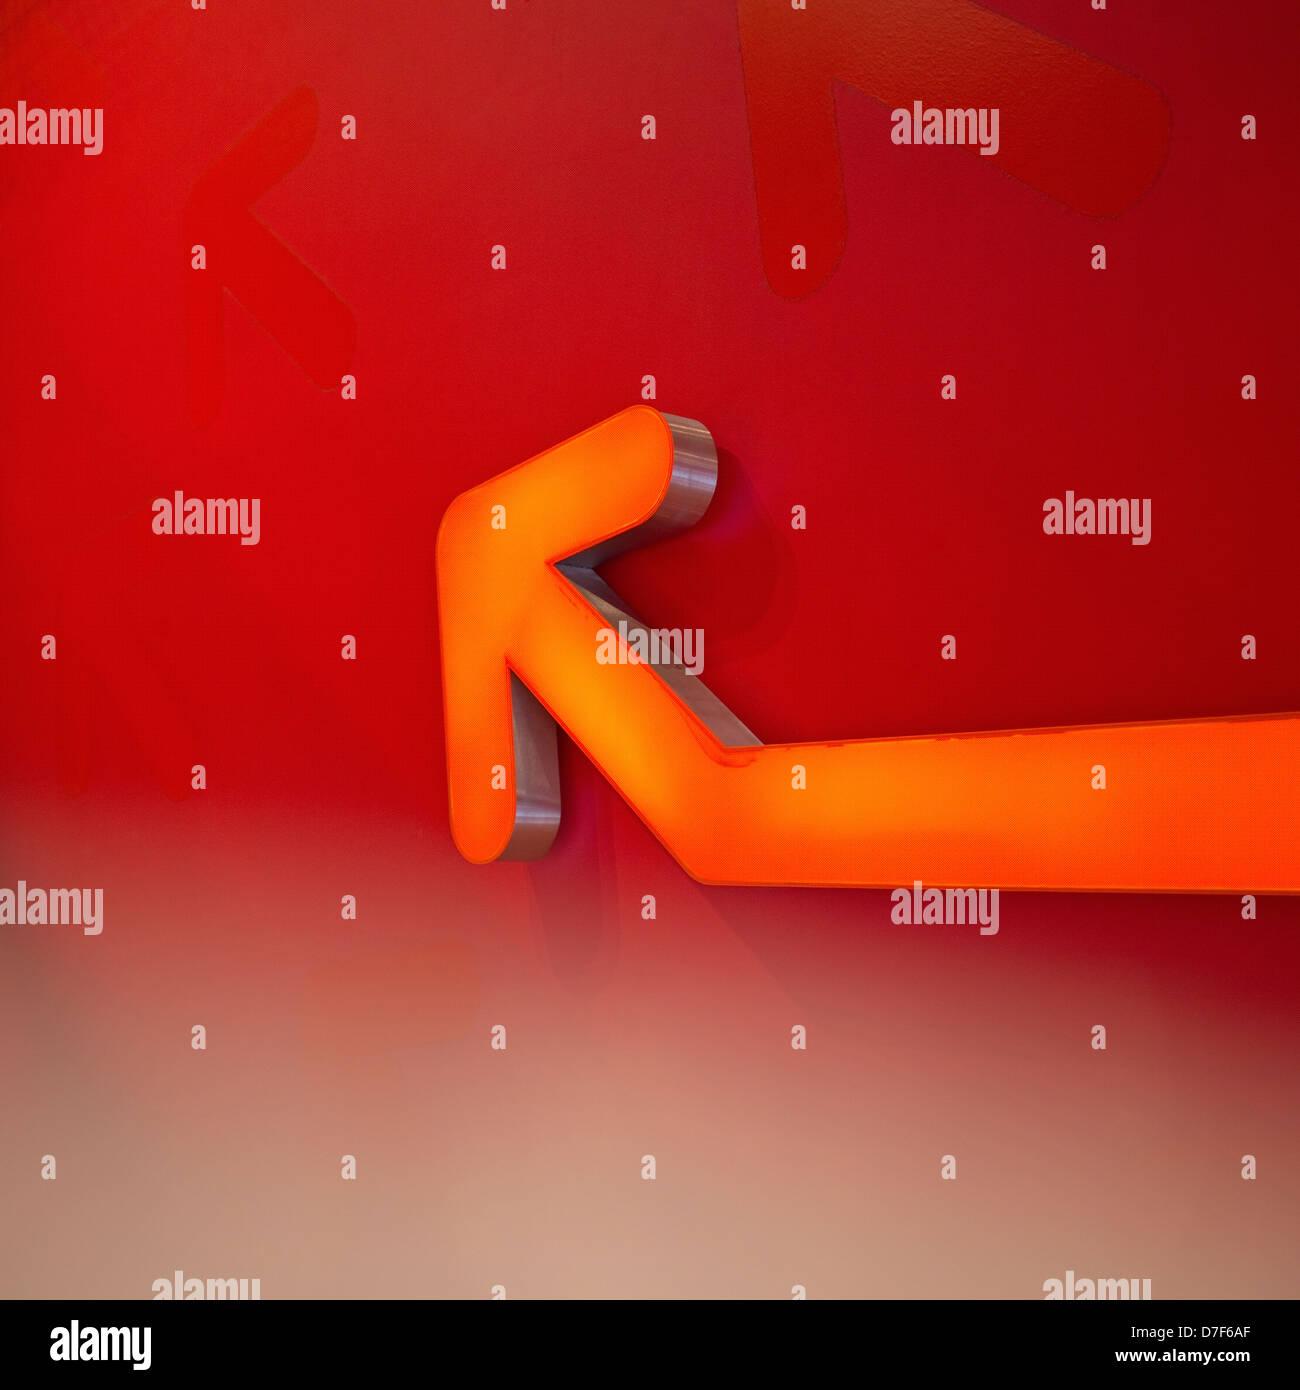 Una flecha de neón naranja señala la dirección arriba a otro nivel Imagen De Stock